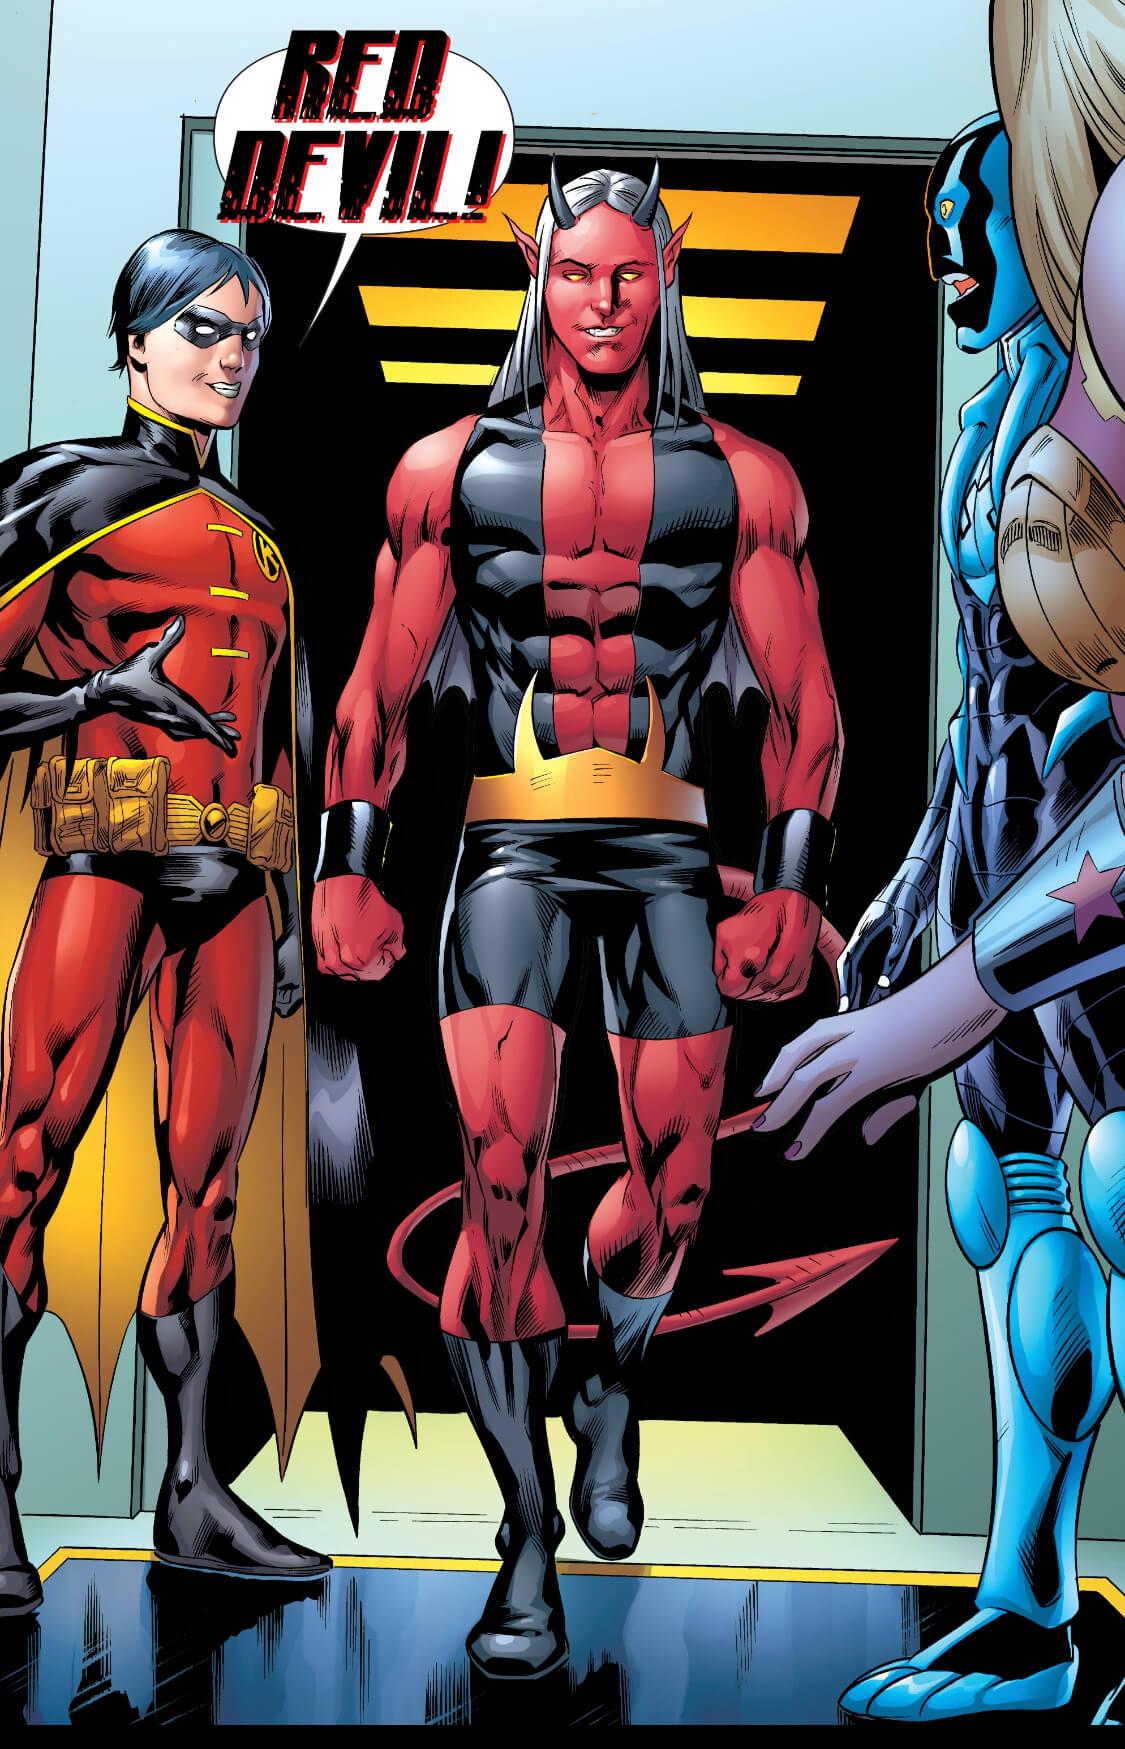 Teen-Titans-Red-Devil.jpg